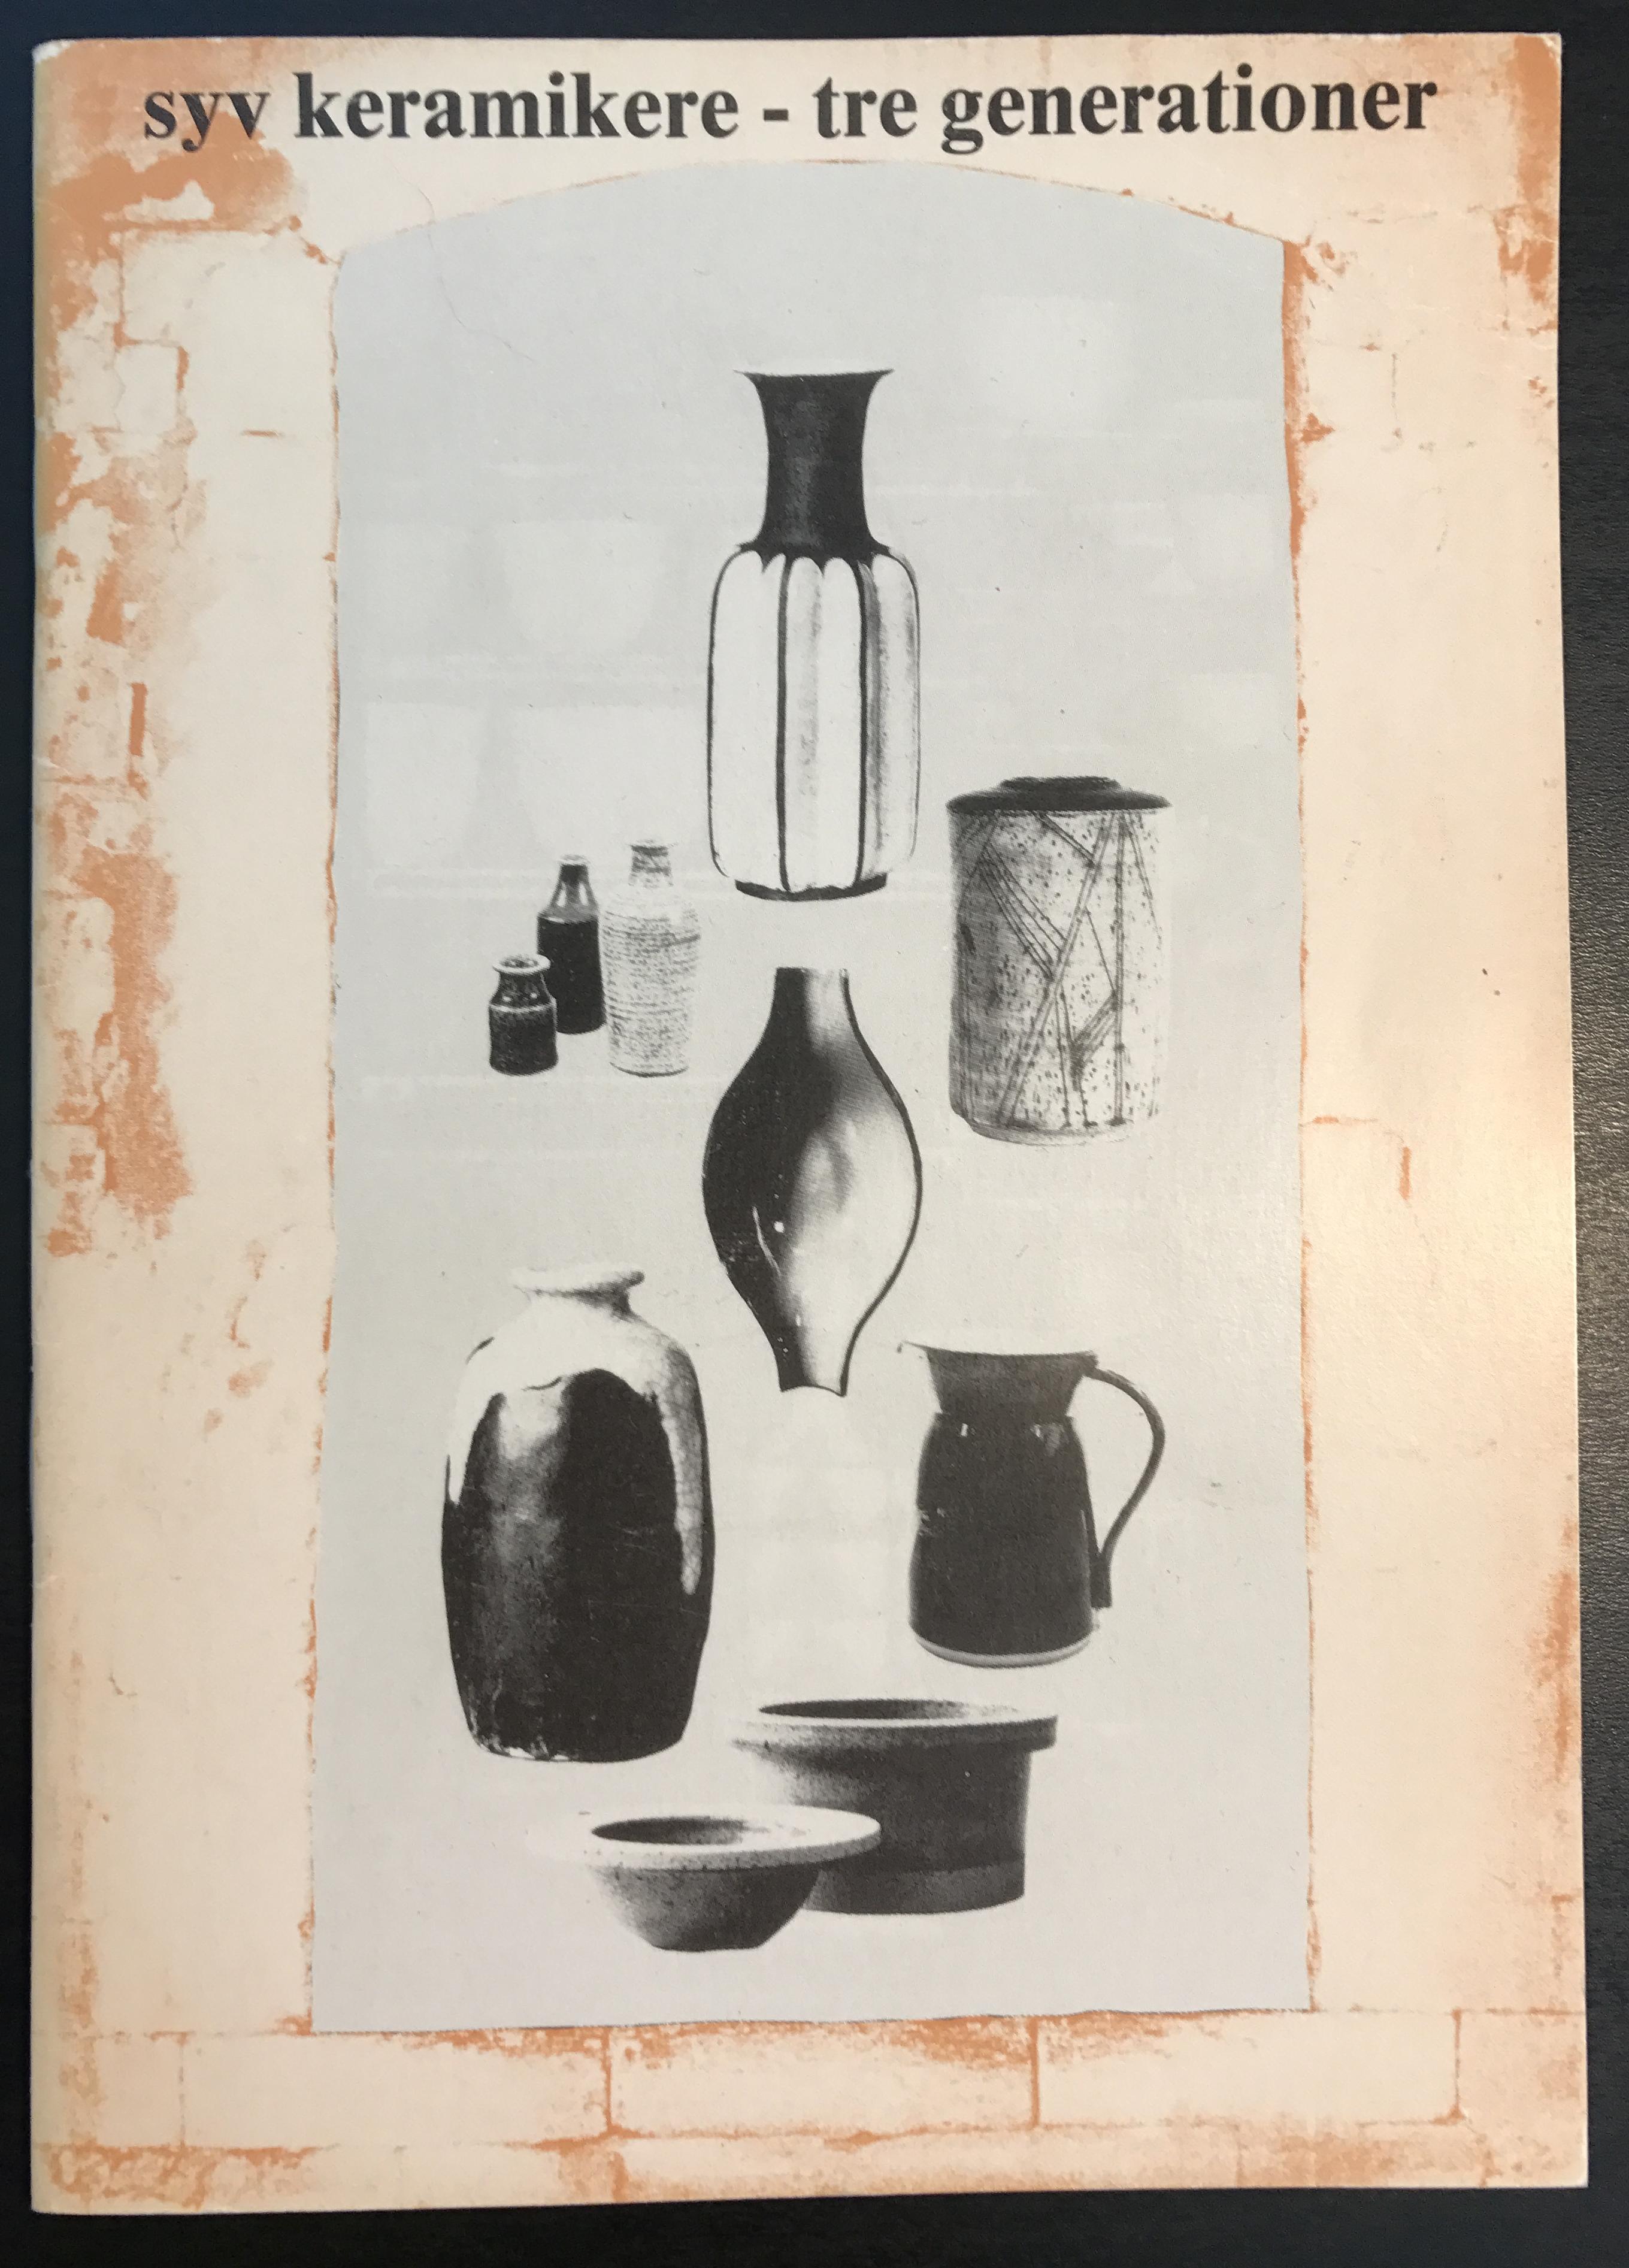 syv keramikere - tre generationer